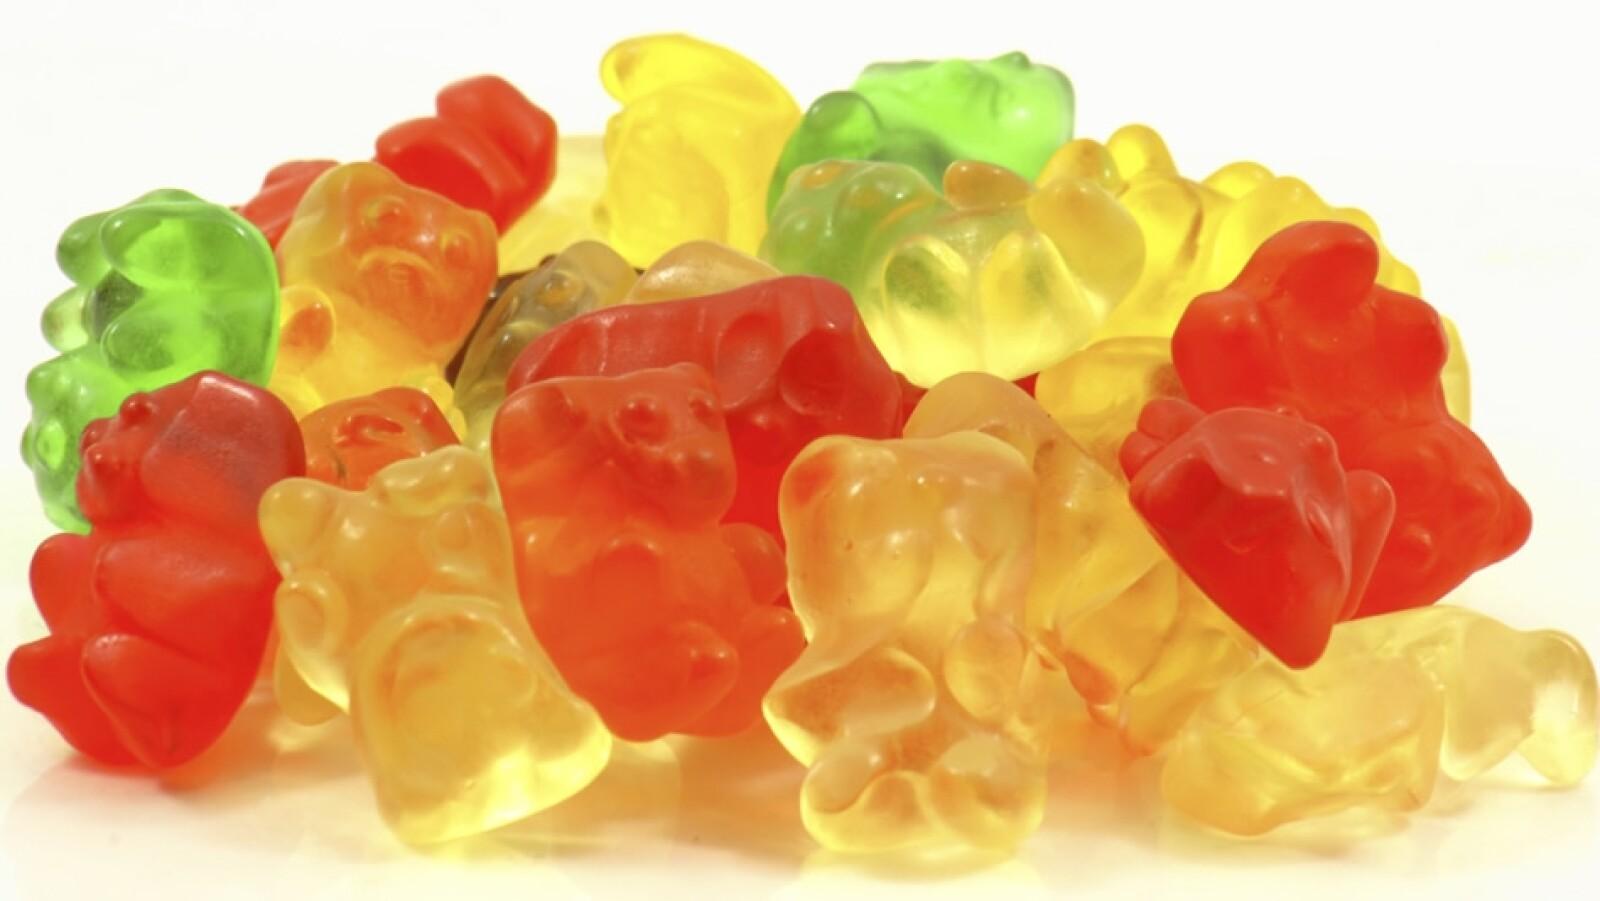 gomitas oso dulces